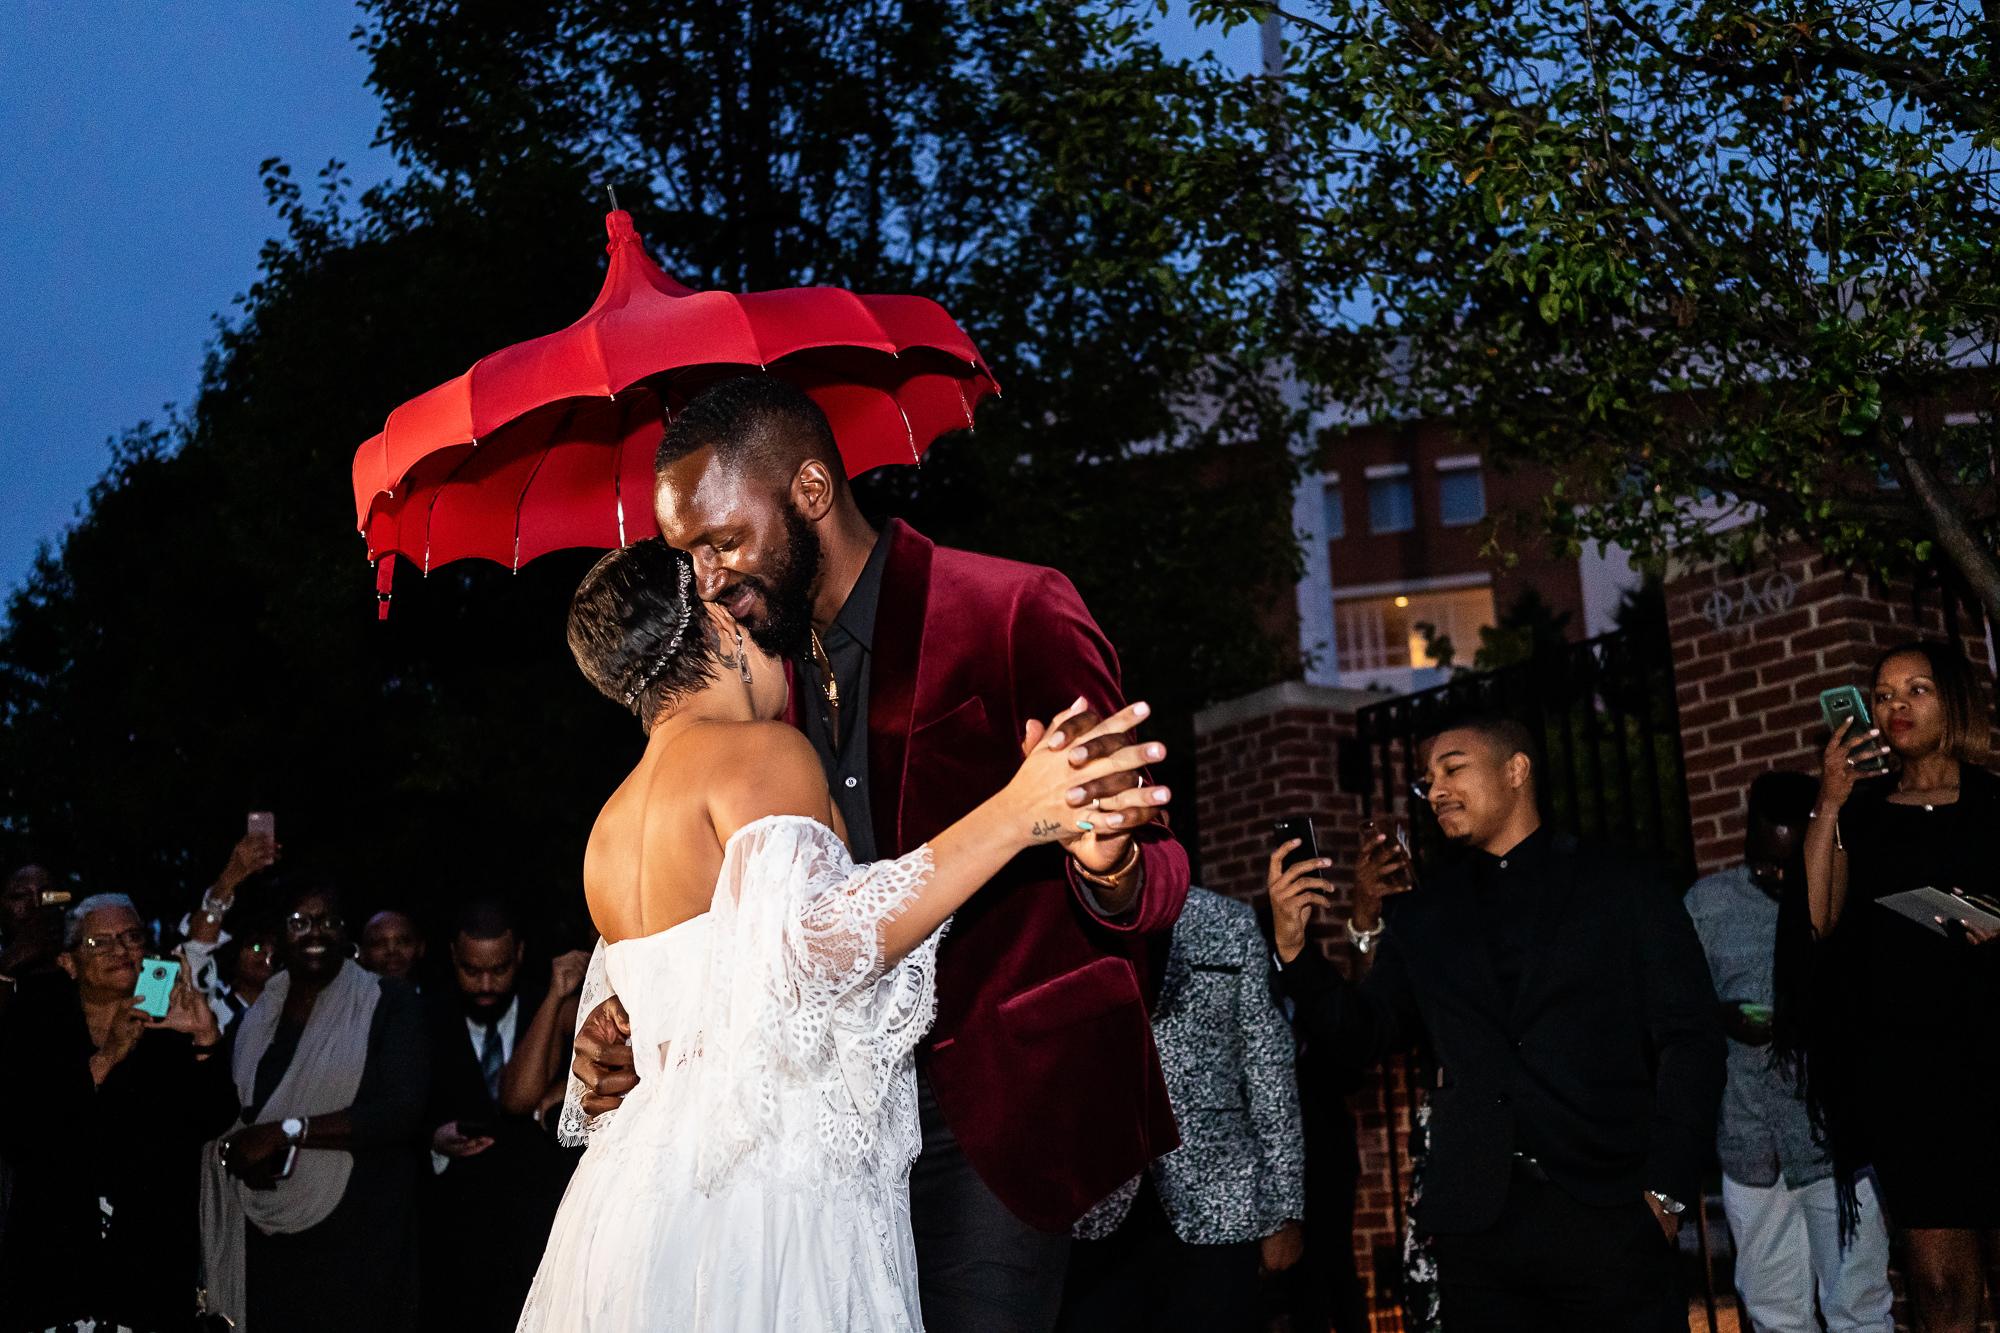 045-045-christopher-jason-studios-university-of-maryland-wedding-raheem-Devaughn-african-american-bride-and-groom.jpg